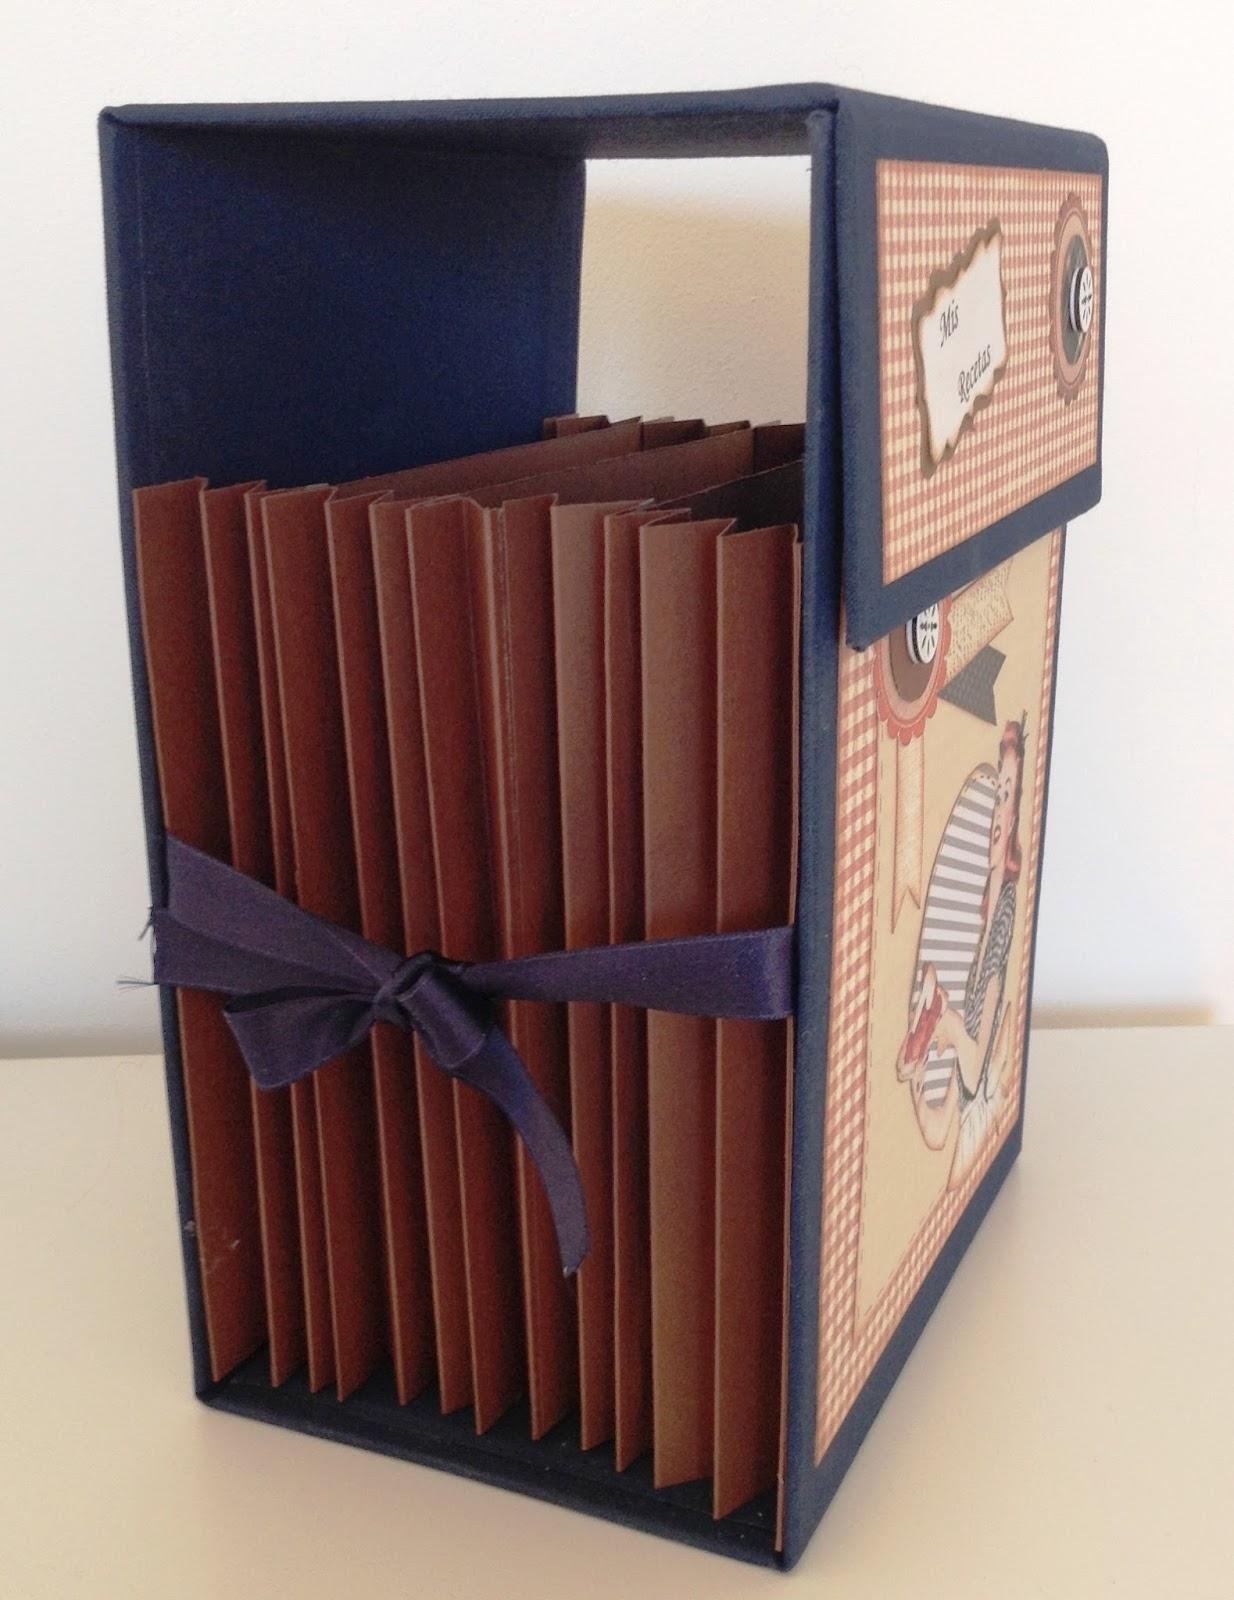 Artepapel marisart caja recetario de cocina - Cajas para cocina ...